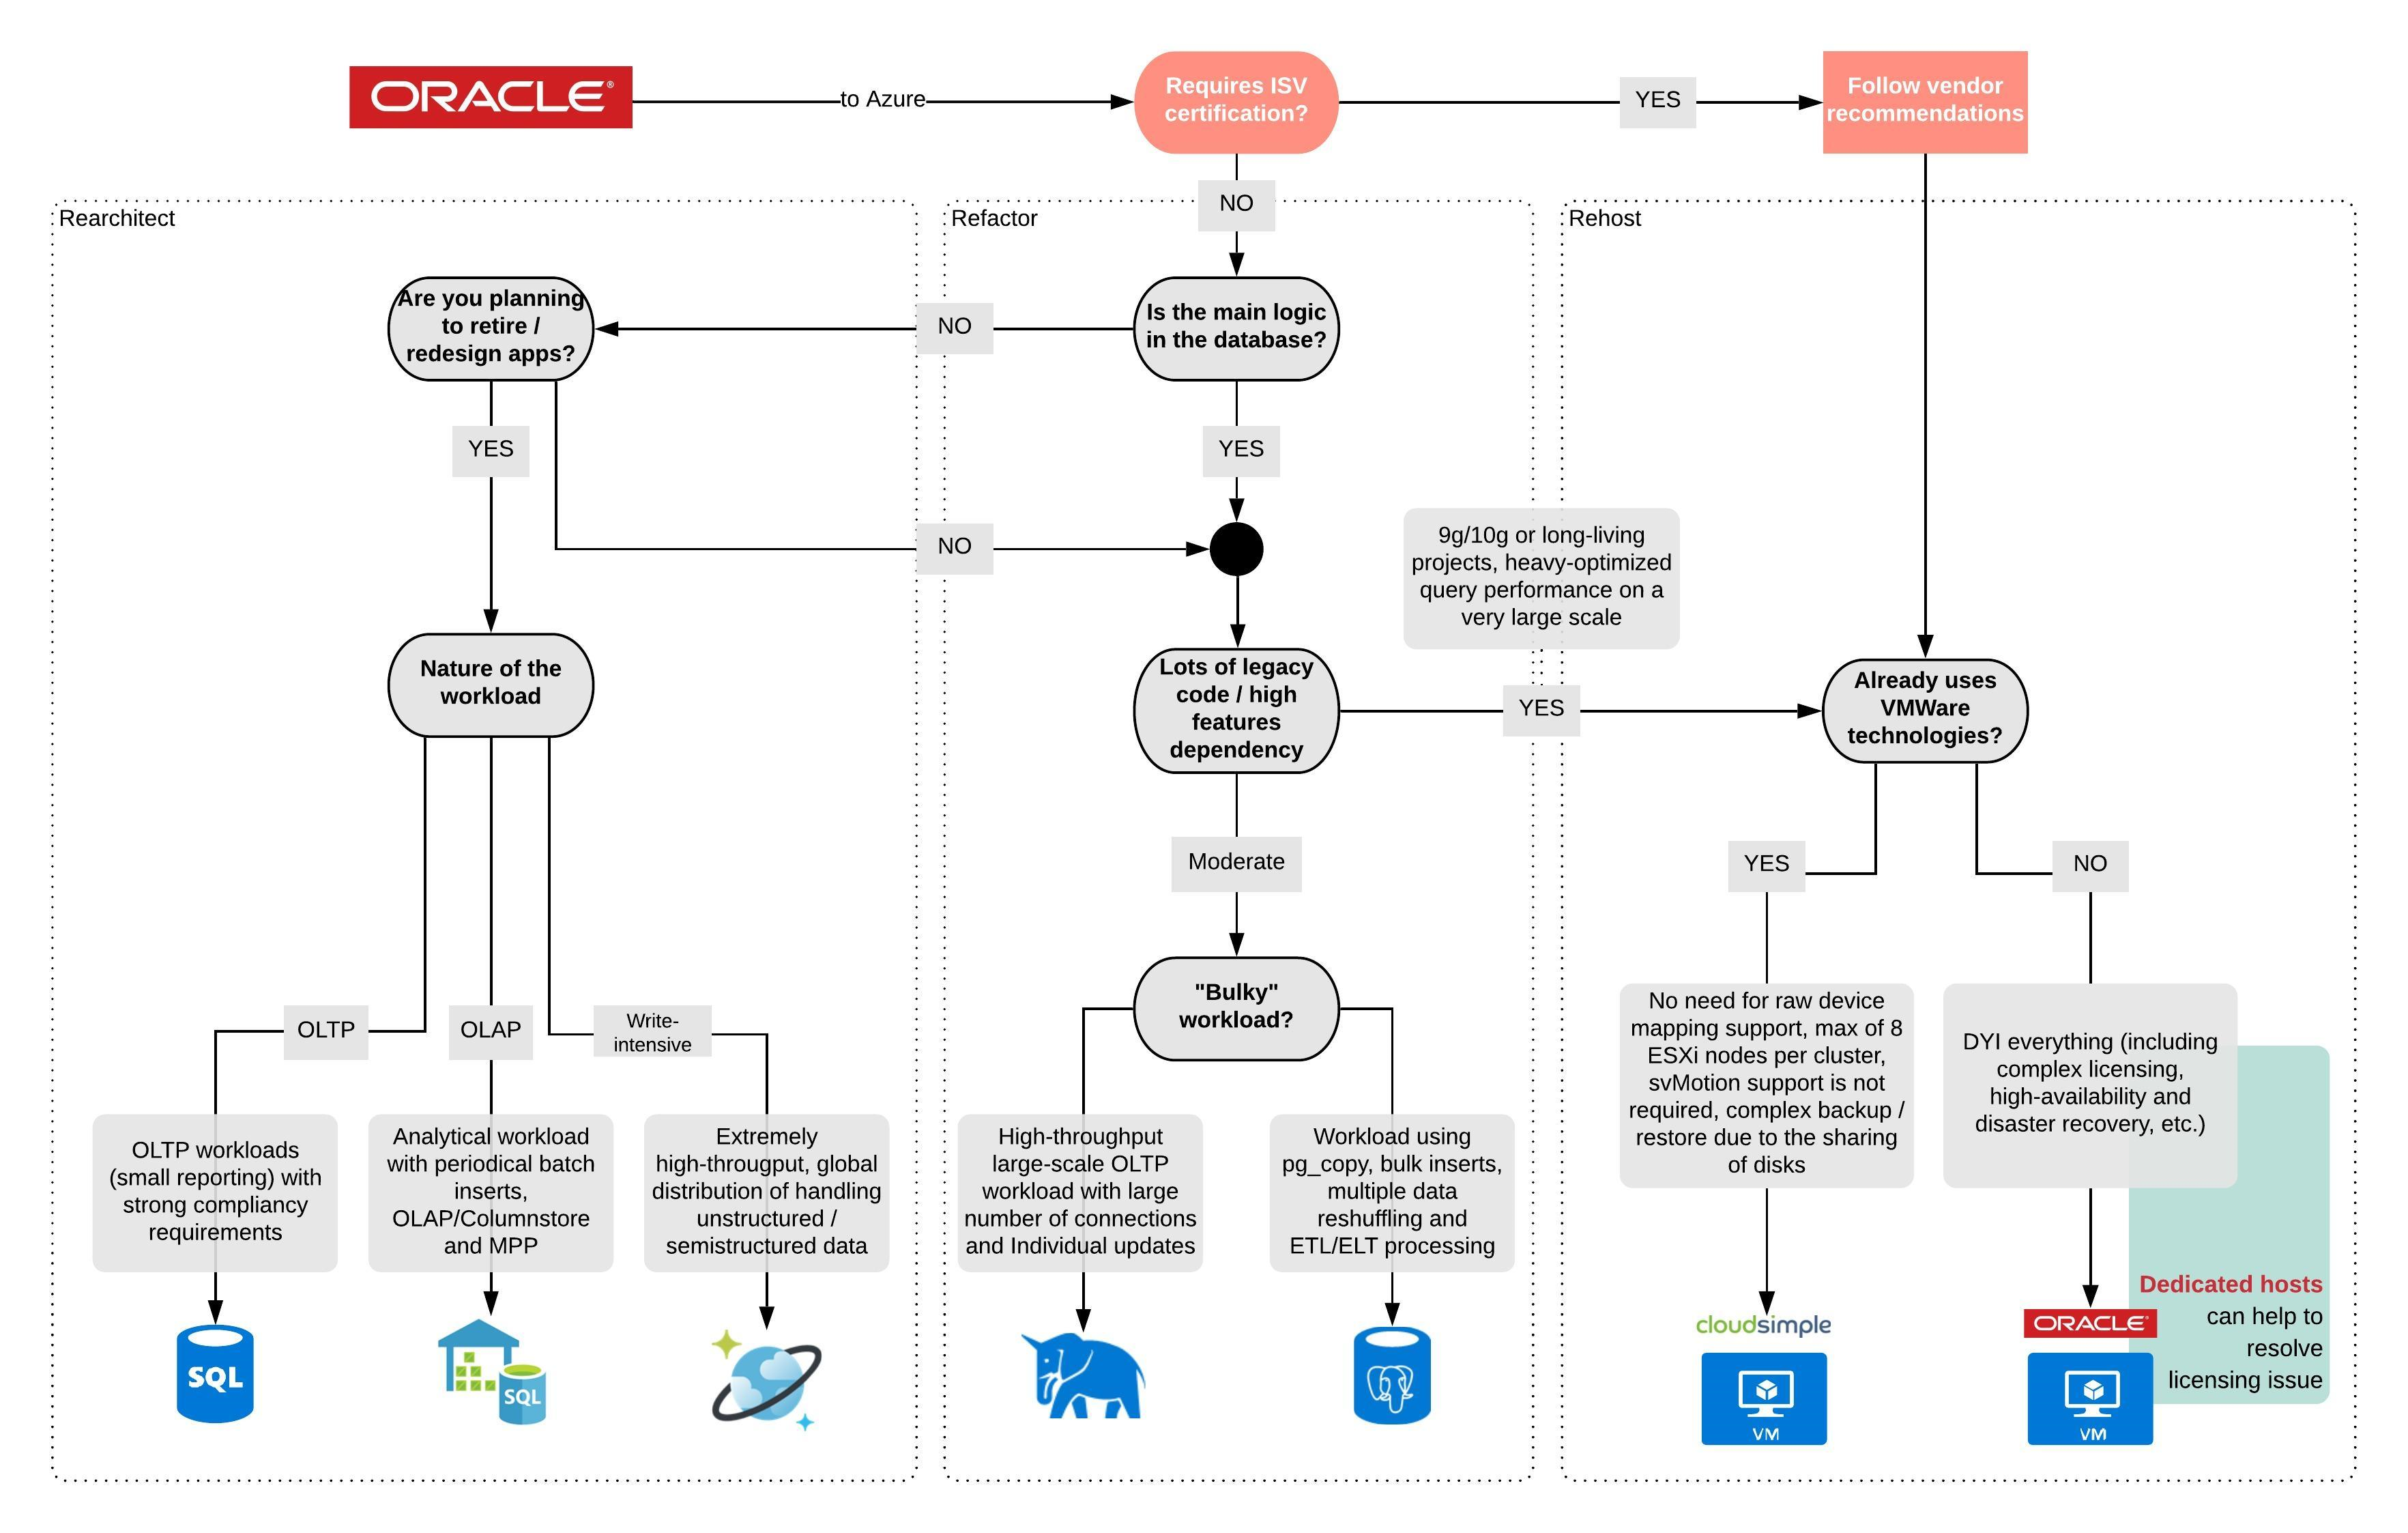 társkereső webhelyek vs alkalmazások